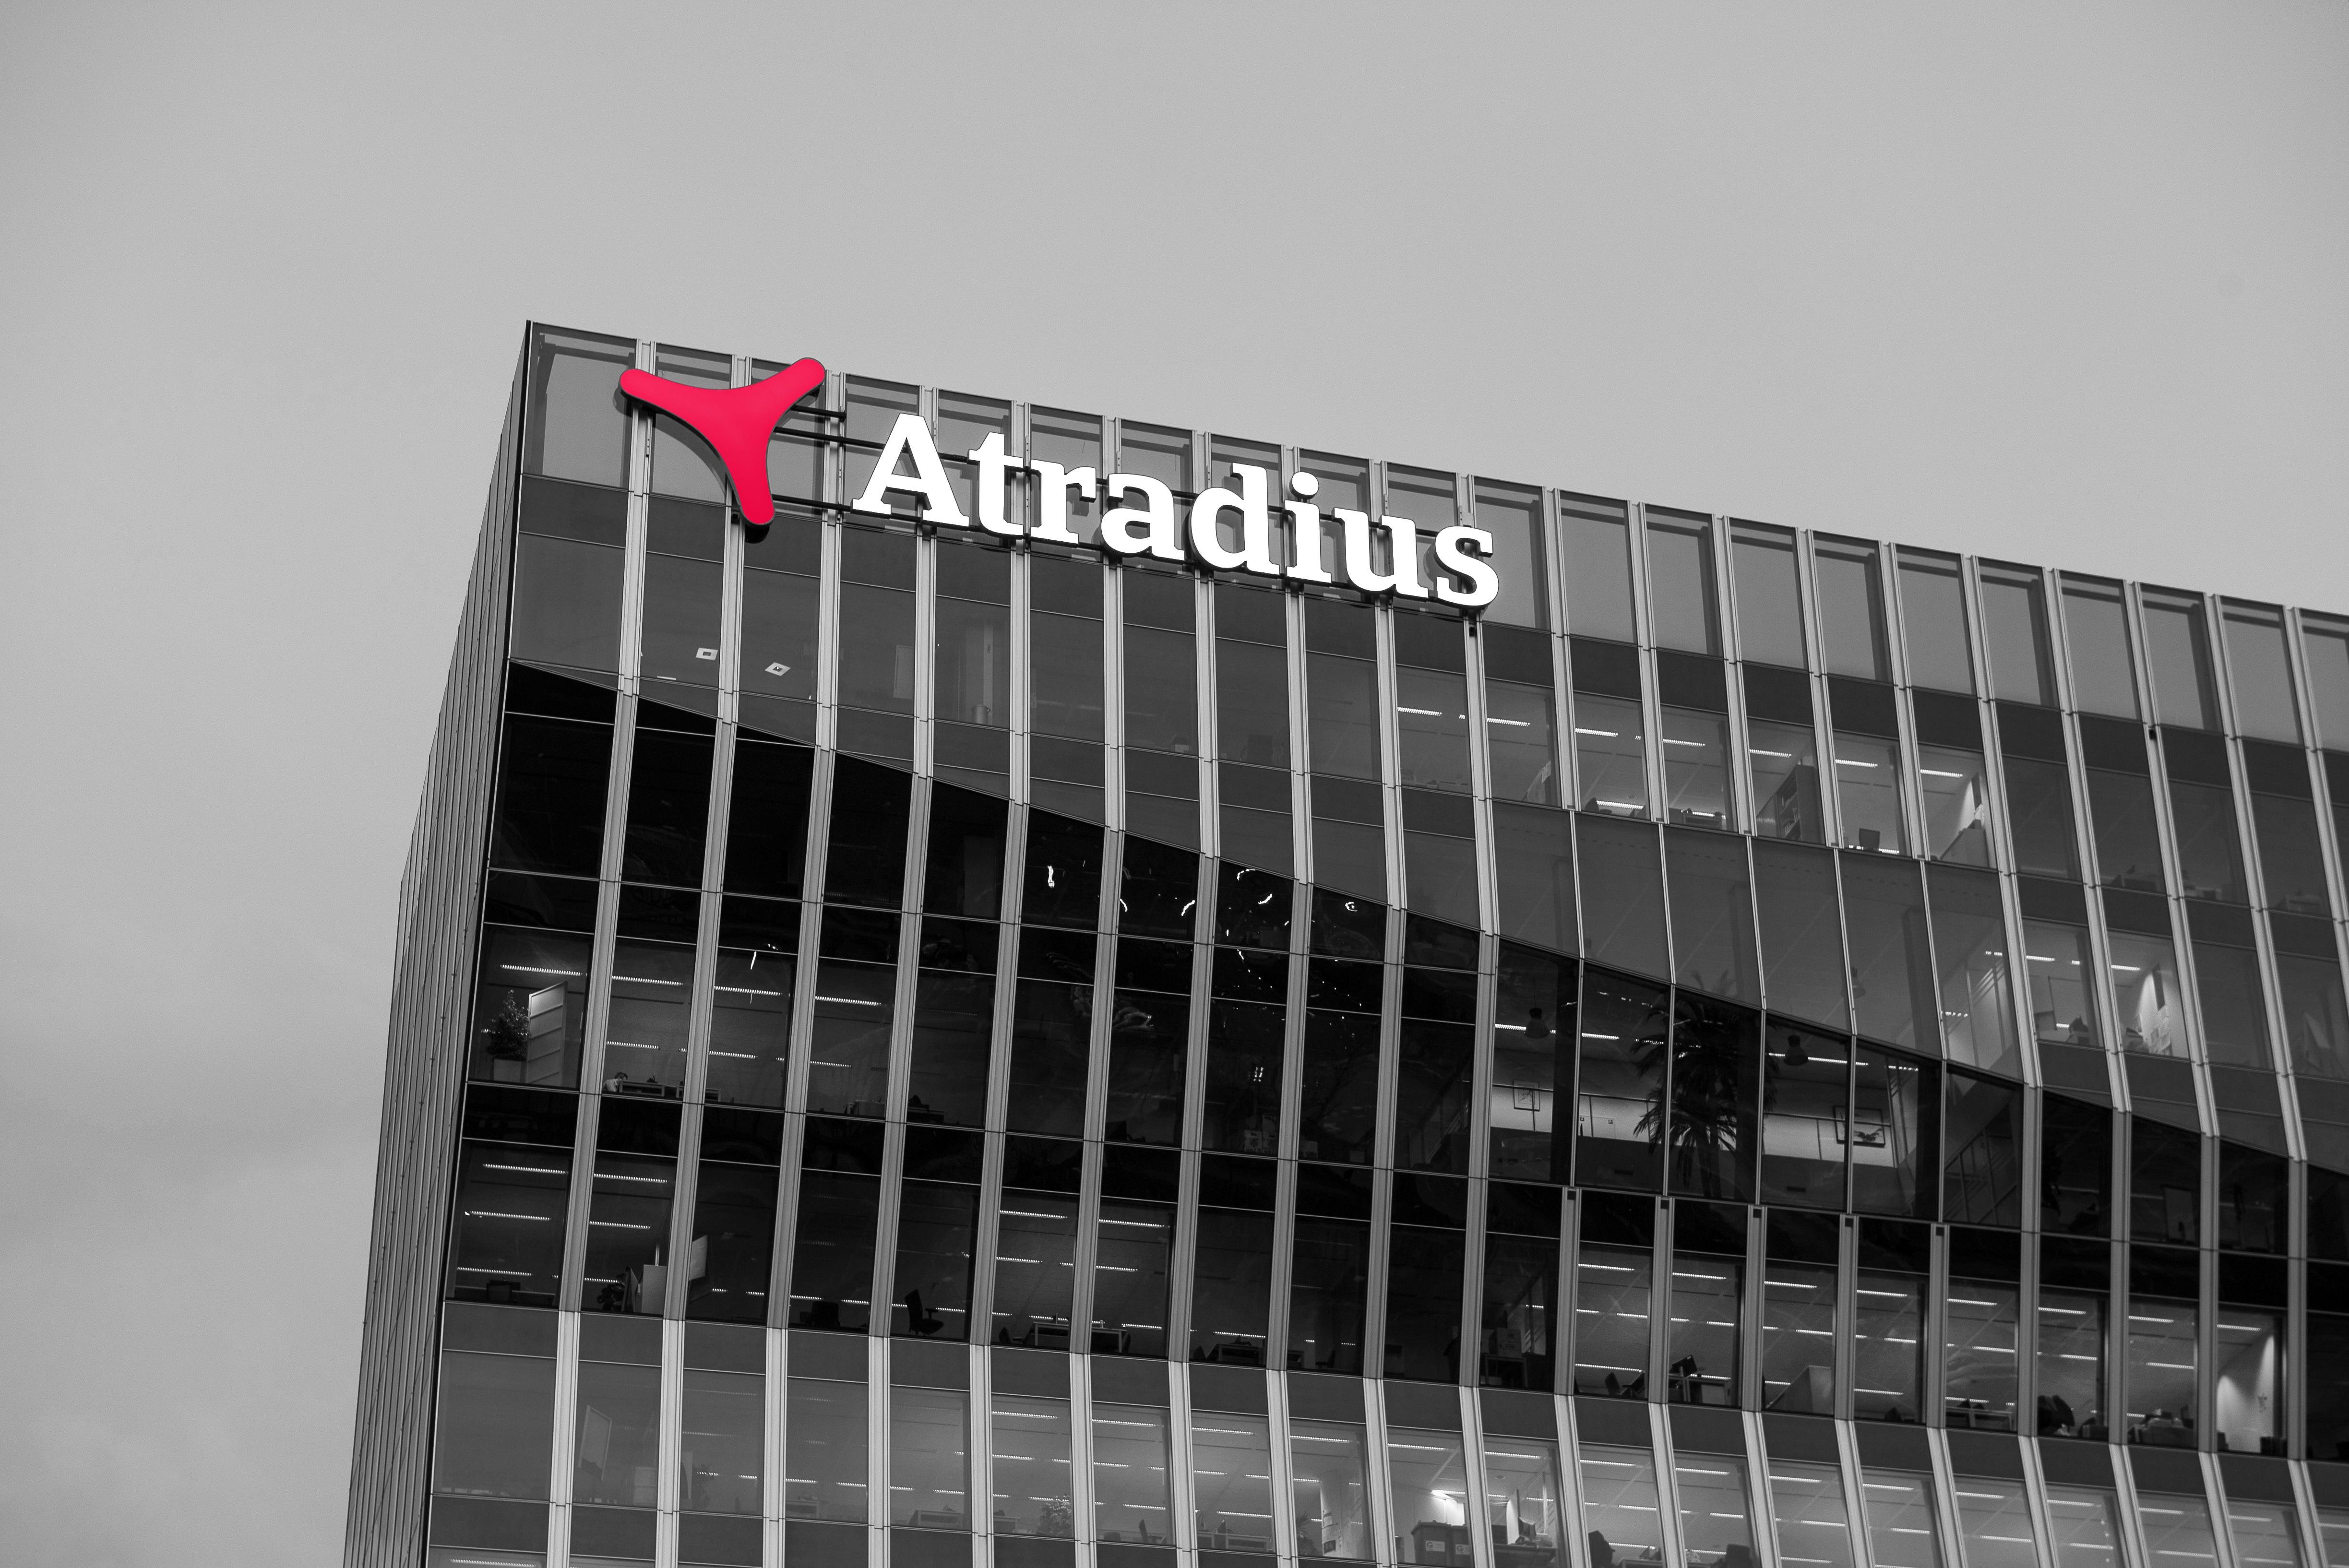 Verruiming van uw Atradius polis door de impact van het coronavirus